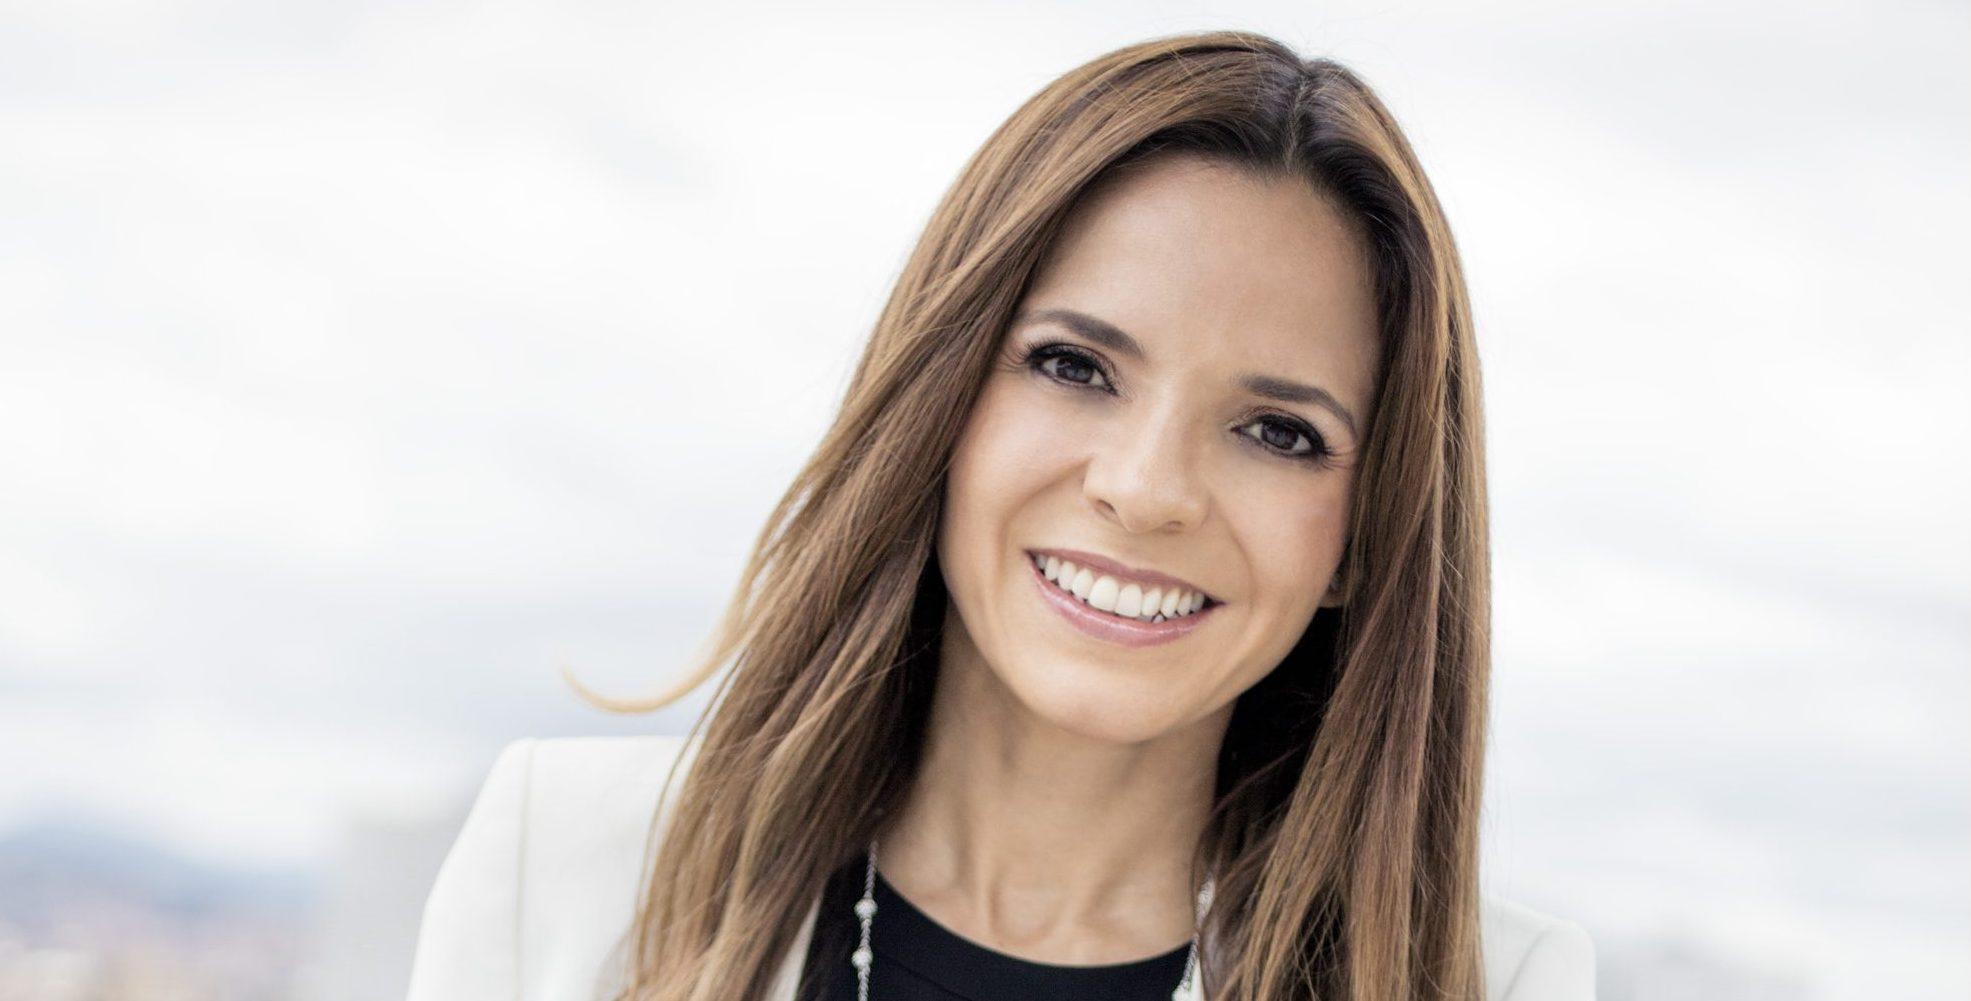 Catalina Bretón deja Wingo tras dos años y medio de estar al frente de la compañía